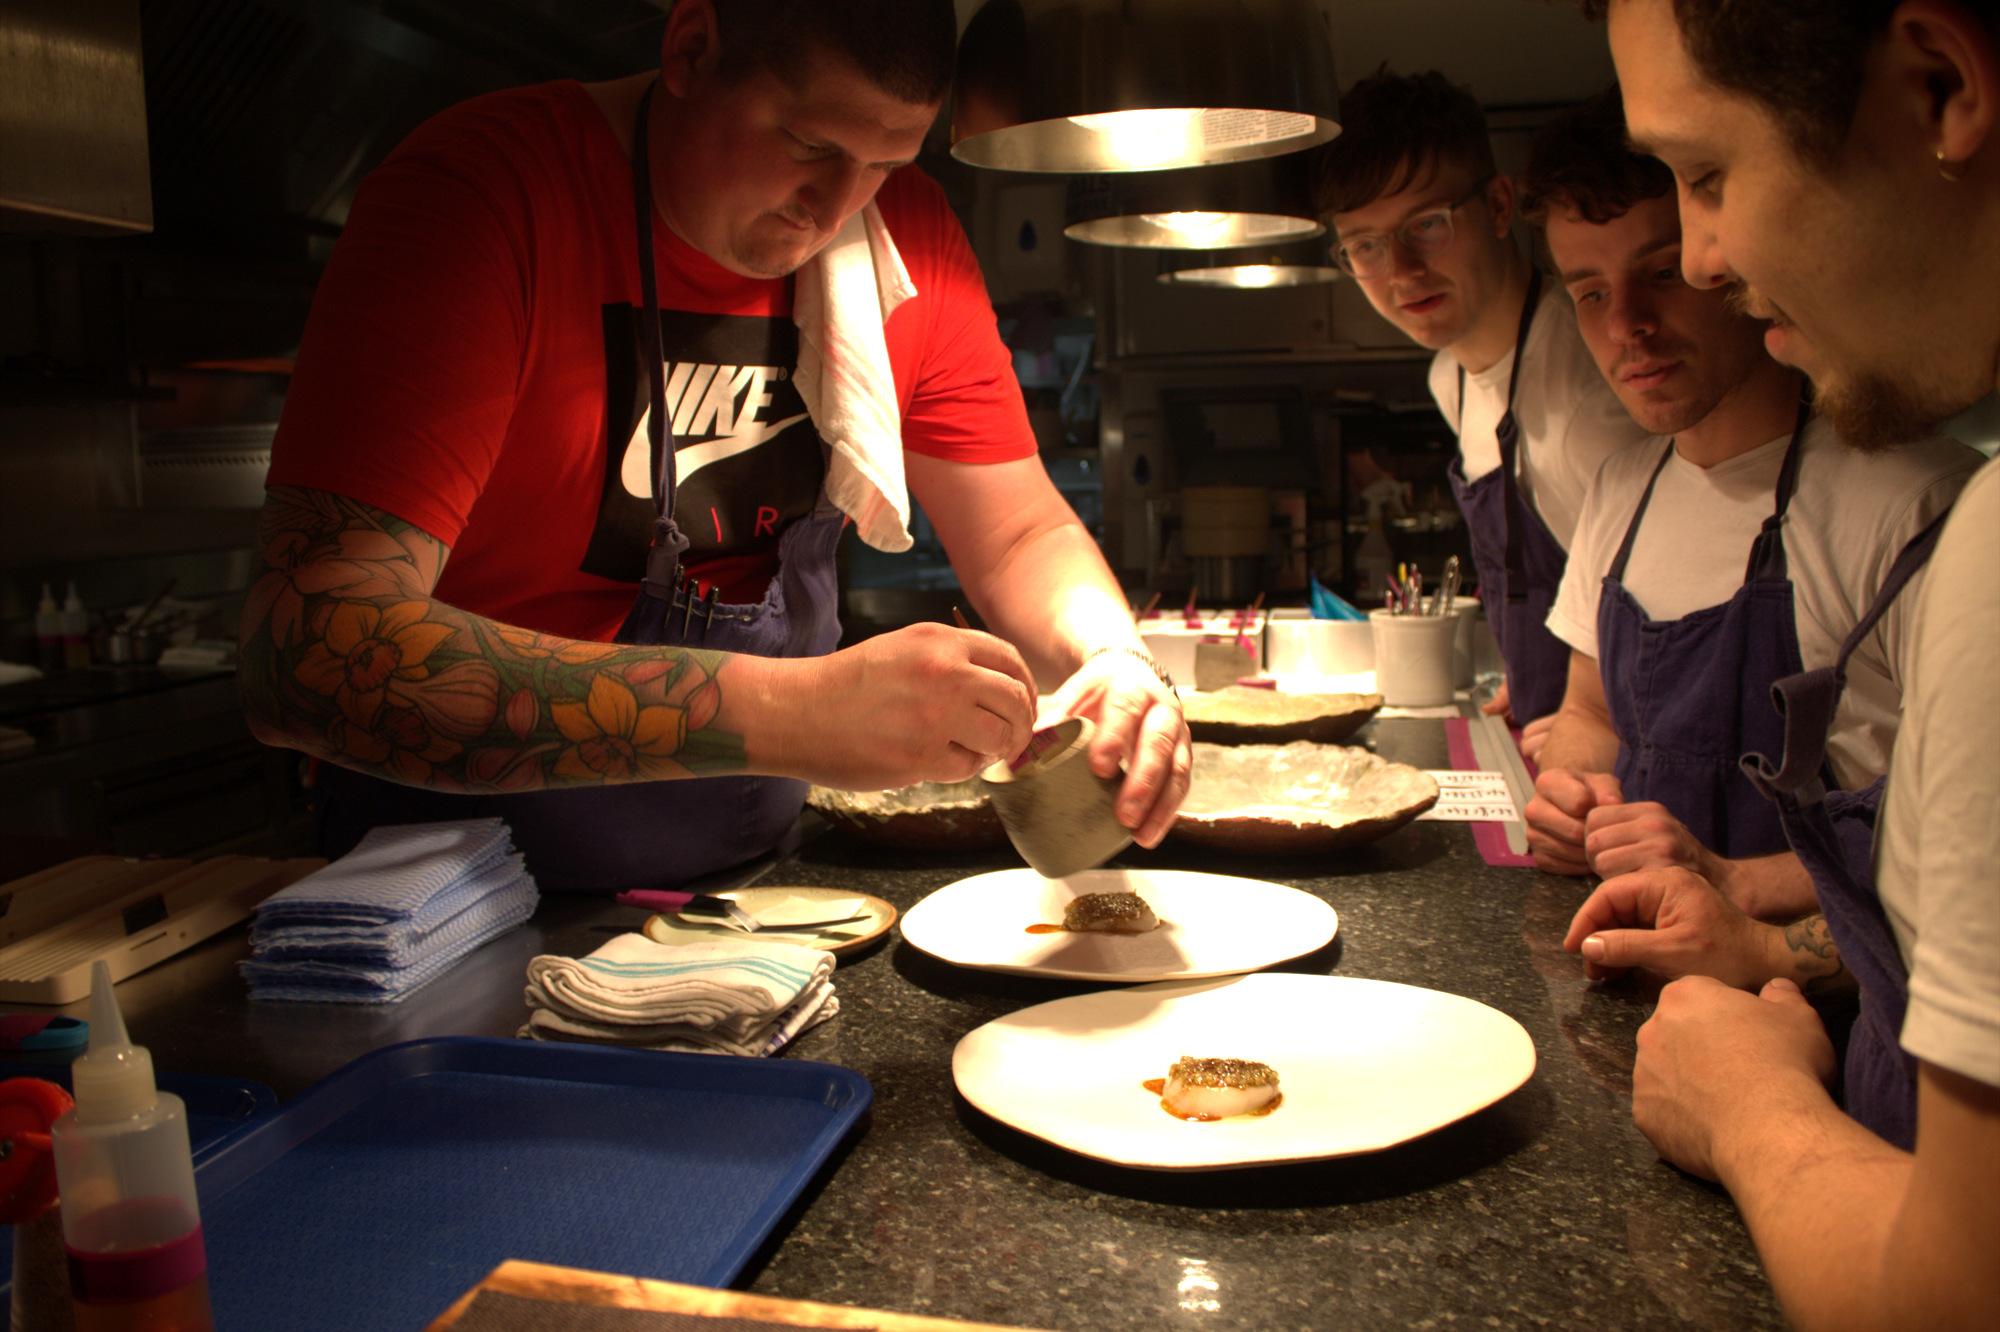 Chef/Owner: Gareth Ward - Cuisine: Modern BritishMichelin: One StarAA: Five RosettesTwitter: @ynyshirrestInstagram: @ynyshirrestaurantAddress: Ynyshir Eglwys Fach, Machynlleth, SY20 8TAPhone: 01654 781209 Website: ynyshir.co.uk